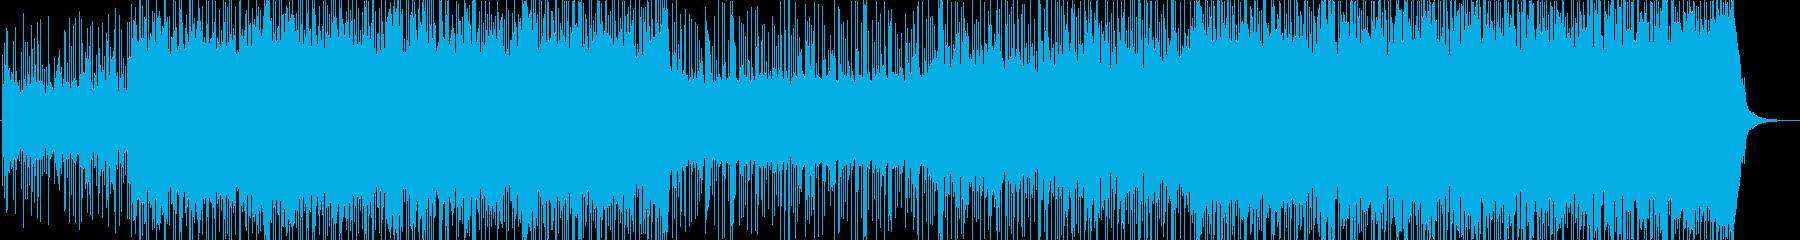 パンク アクティブ 明るい ワイル...の再生済みの波形